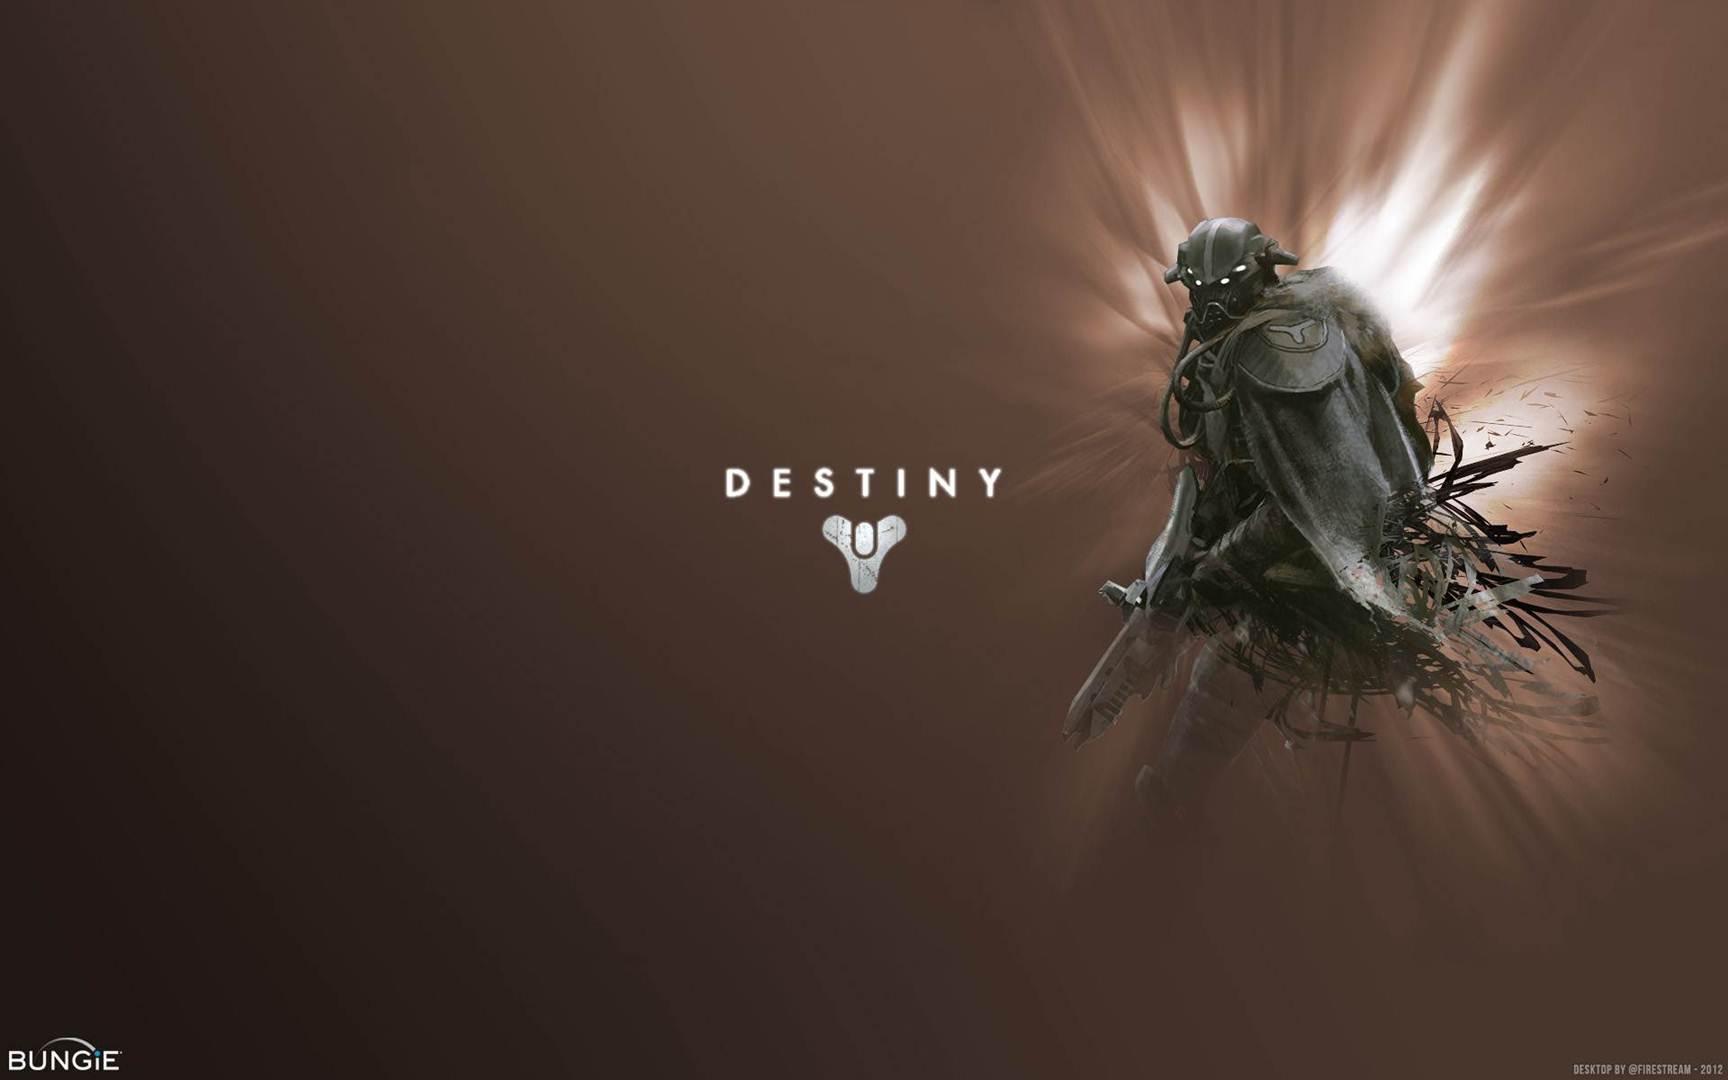 Destiny 2 1080p Wallpaper: Destiny Game Wallpaper